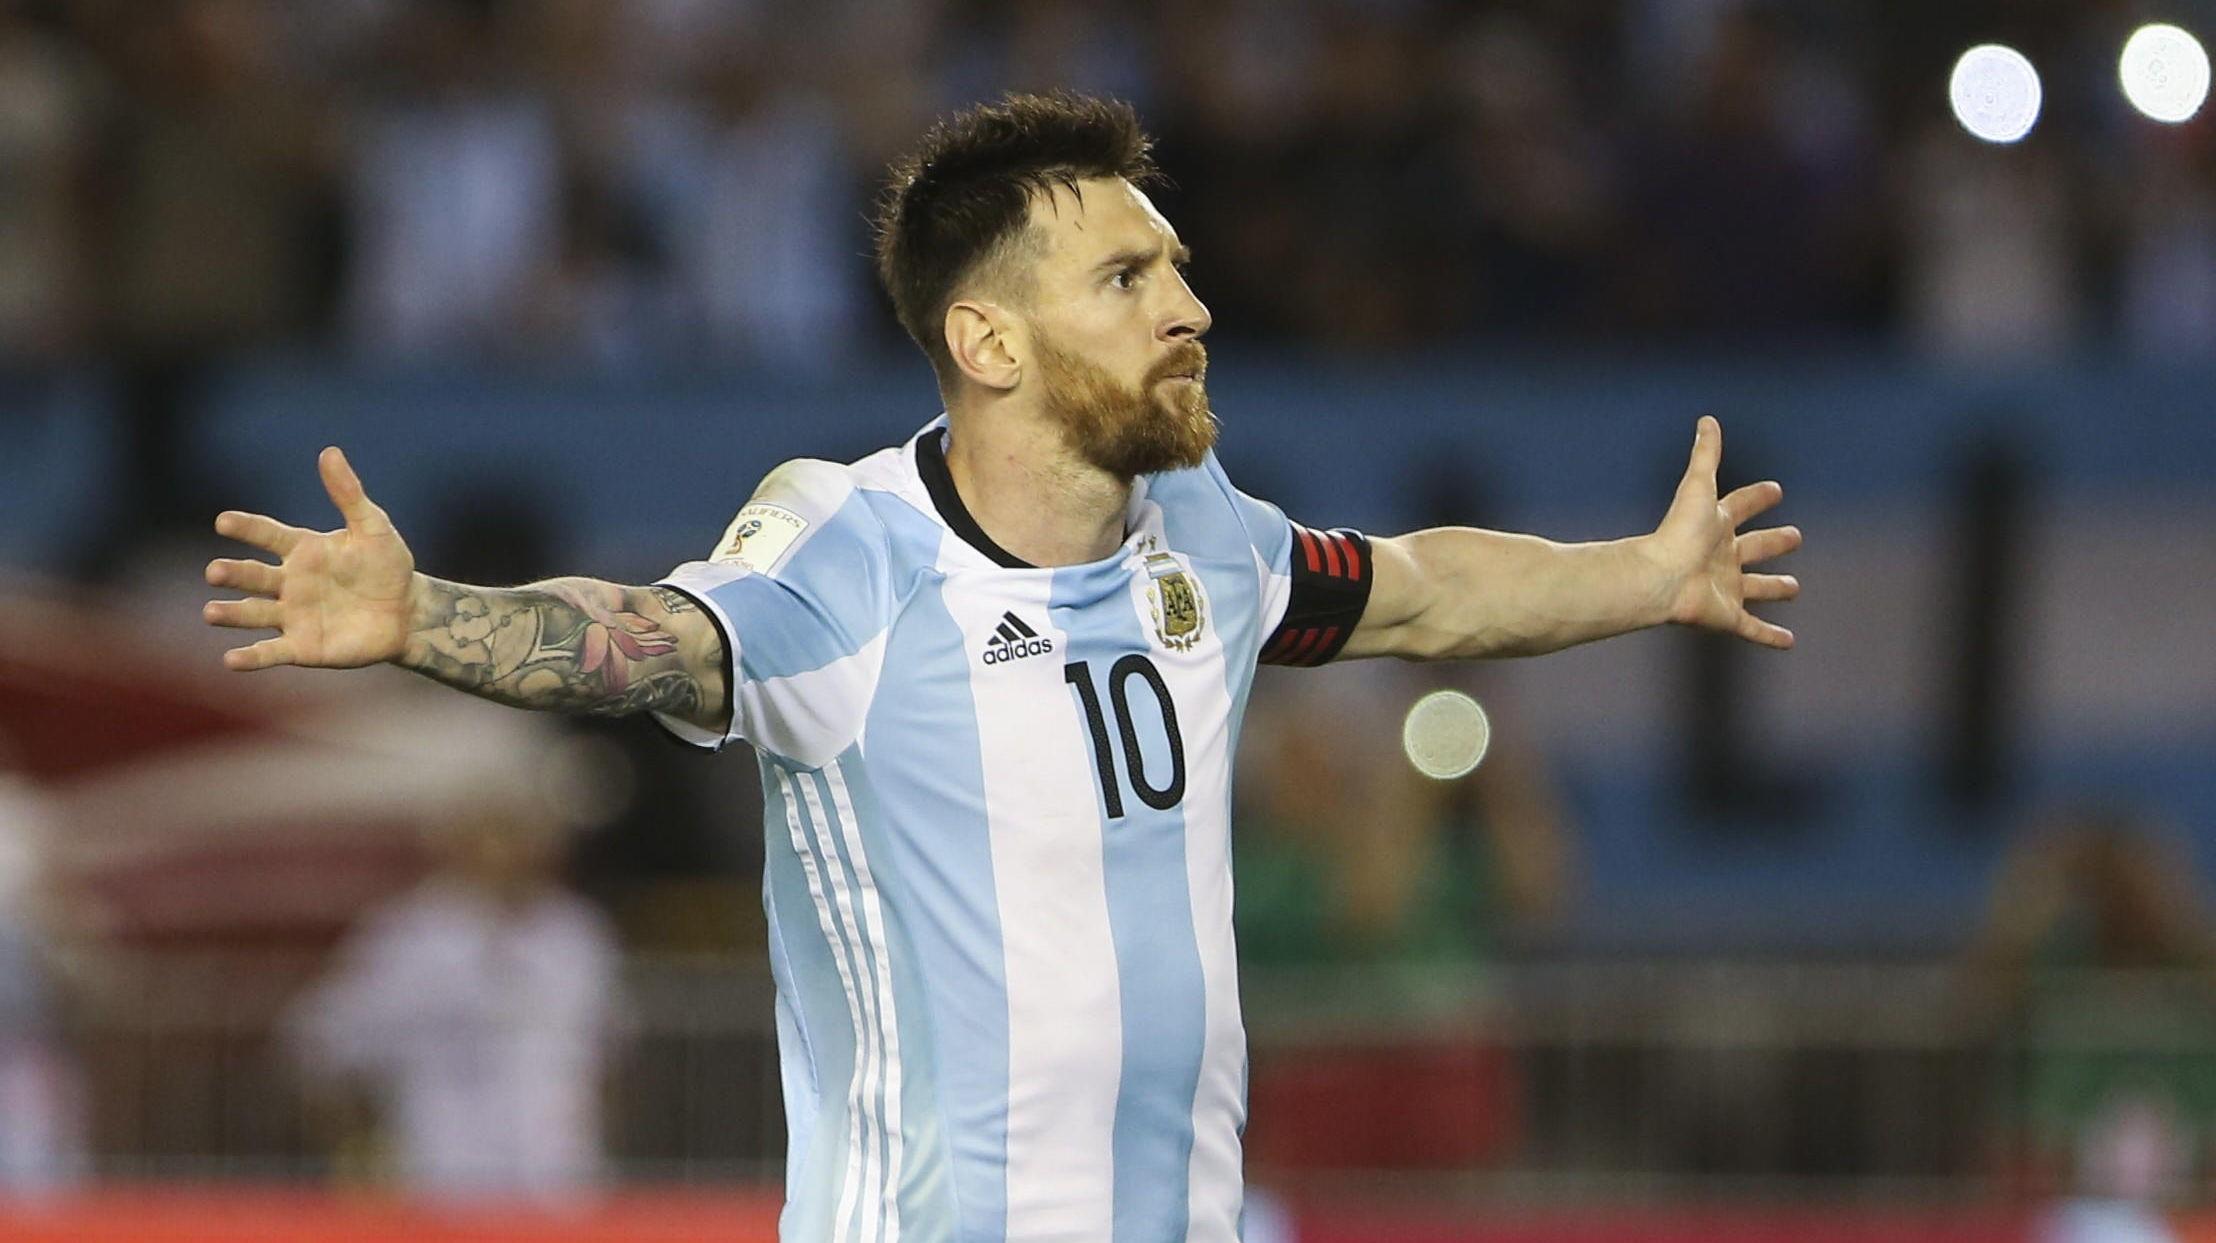 BLIR Å SE: Argentinas stjernespiss Lionel Messi er en av spillerne du kan se under årets verdensmesterskap i fotball som arrangeres i Russland 14. juni til 15. juli.